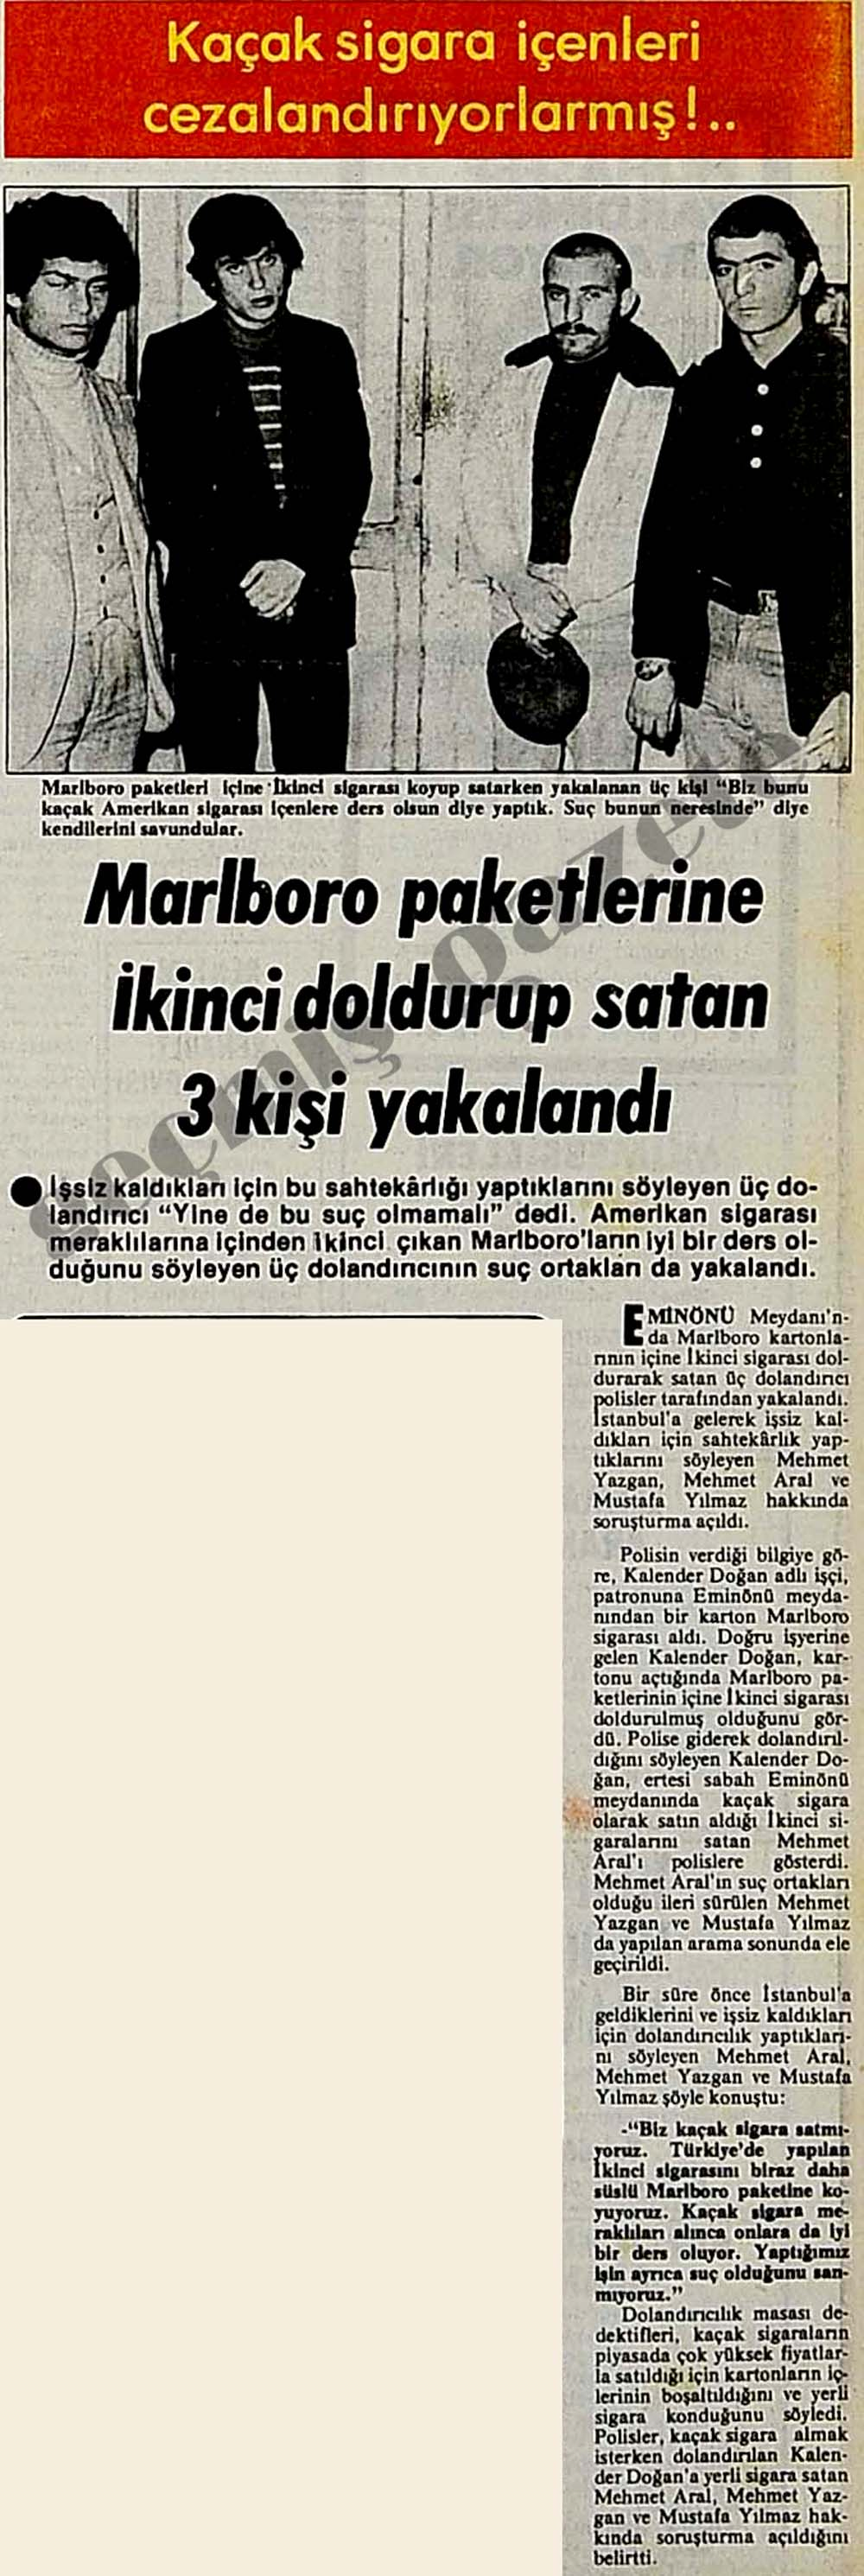 Marlboro paketlerine ikinci doldurup satan 3 kişi yakalandı.